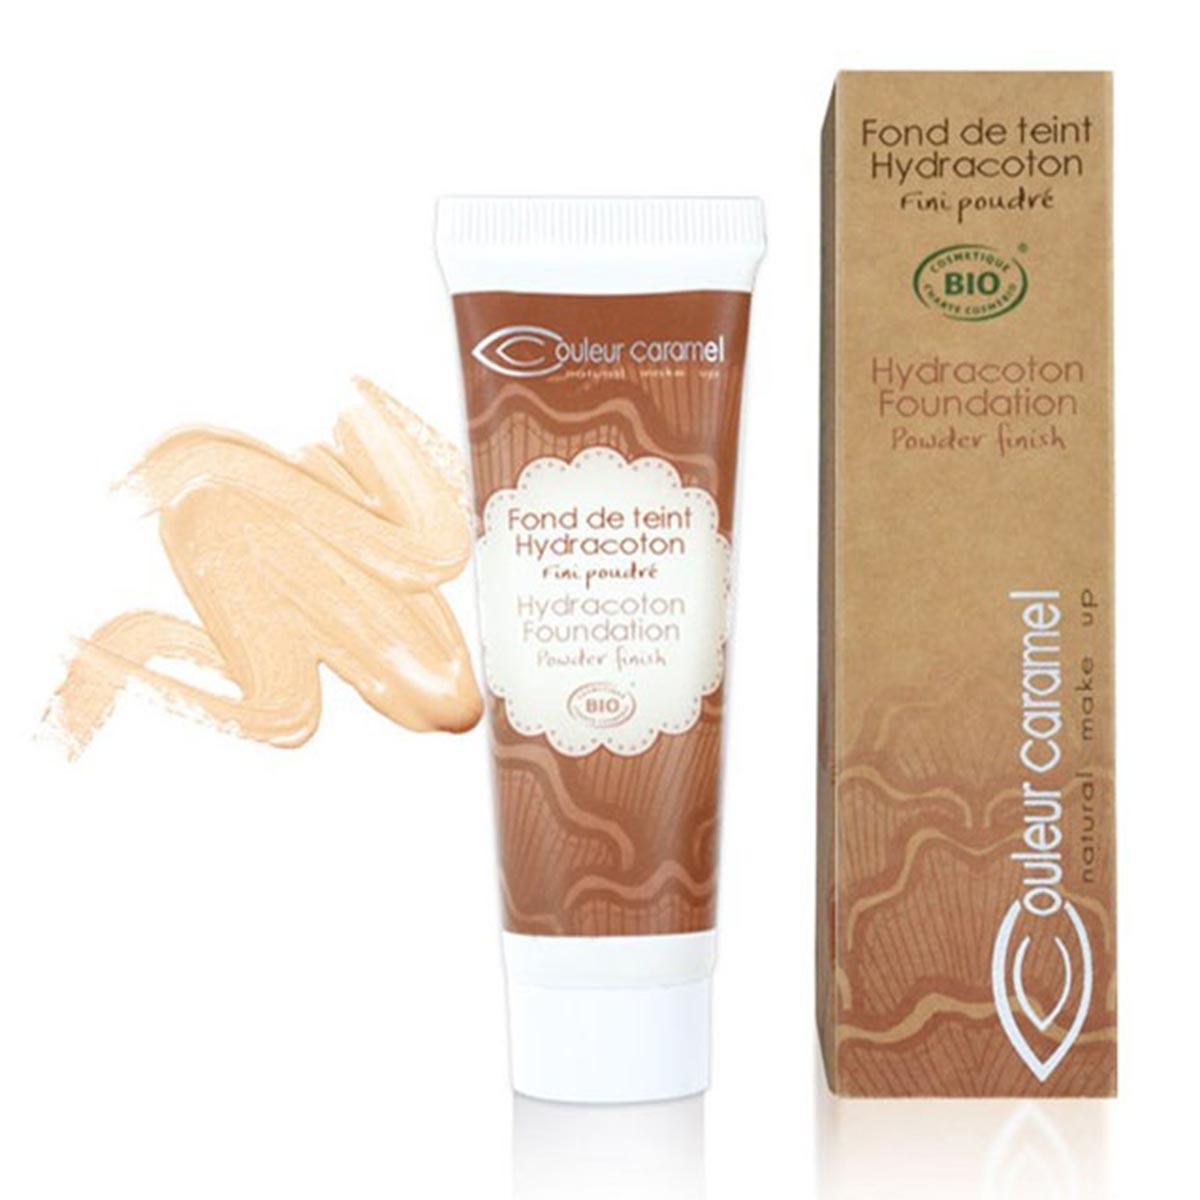 Couleur caramel fond de teint hydracoton foundation n 11 ivoire